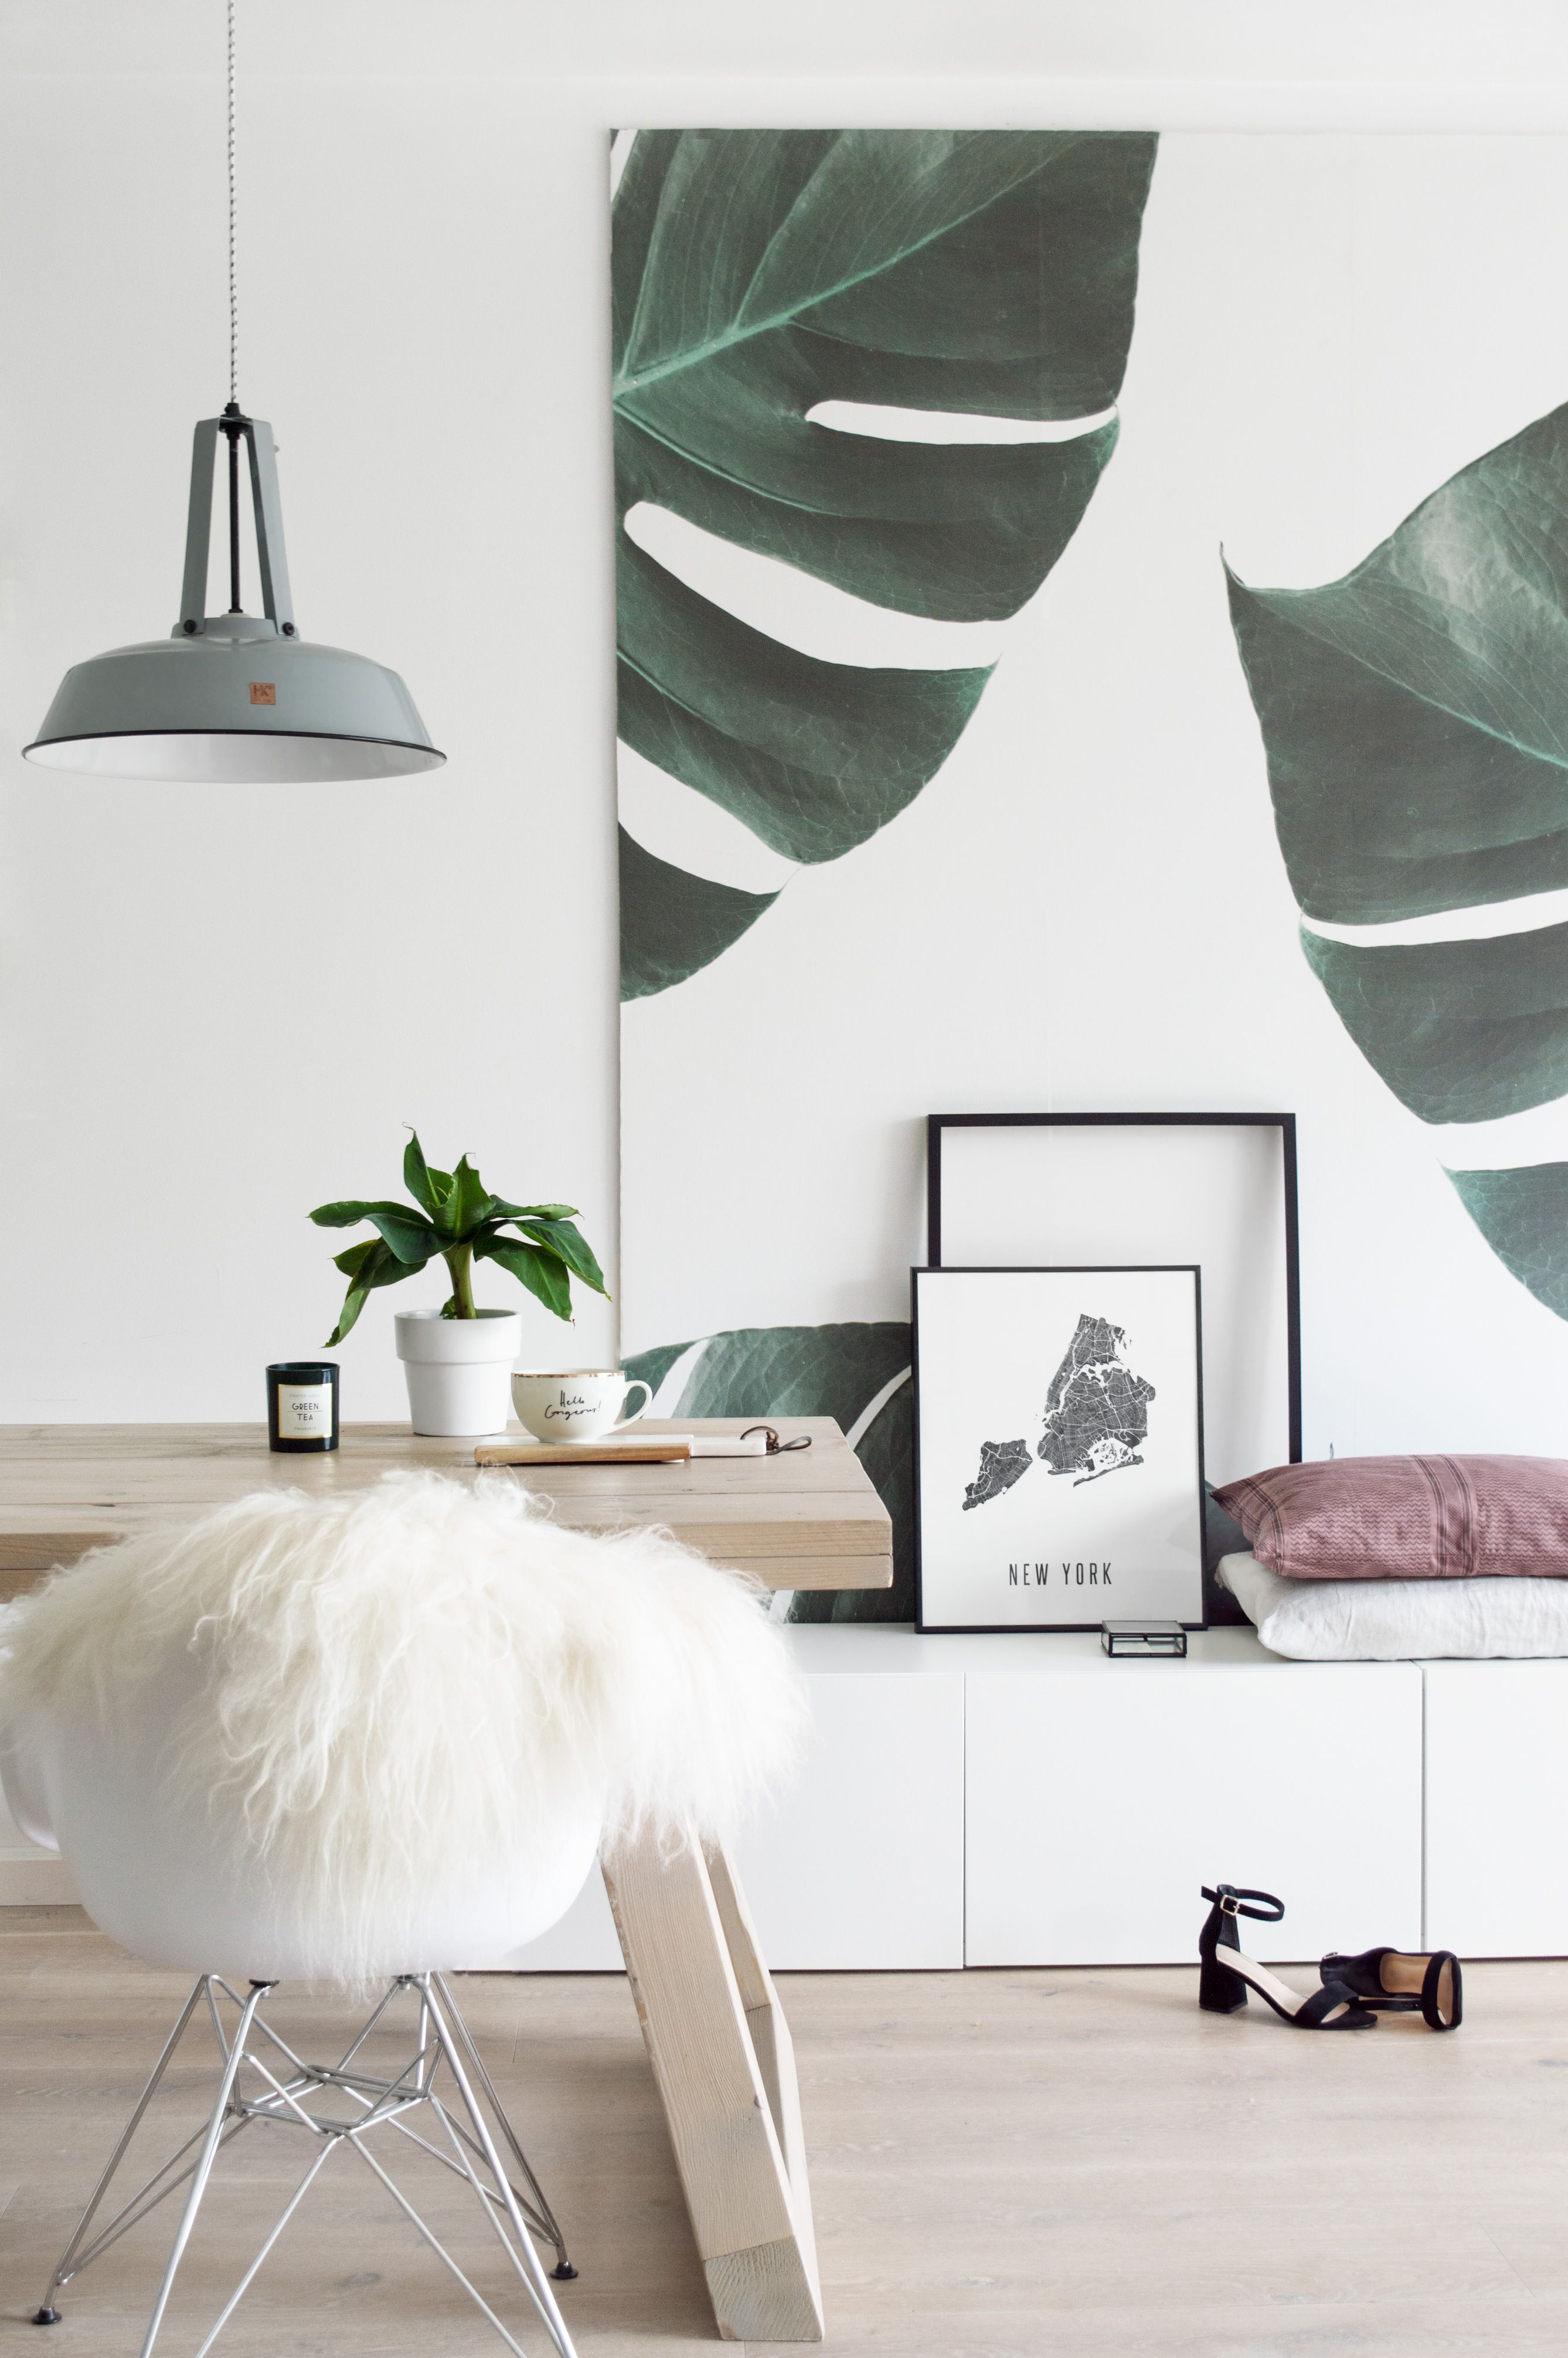 Botanisch behang in woonkamer - Tanja van Hoogdalem | REI - Dining ...